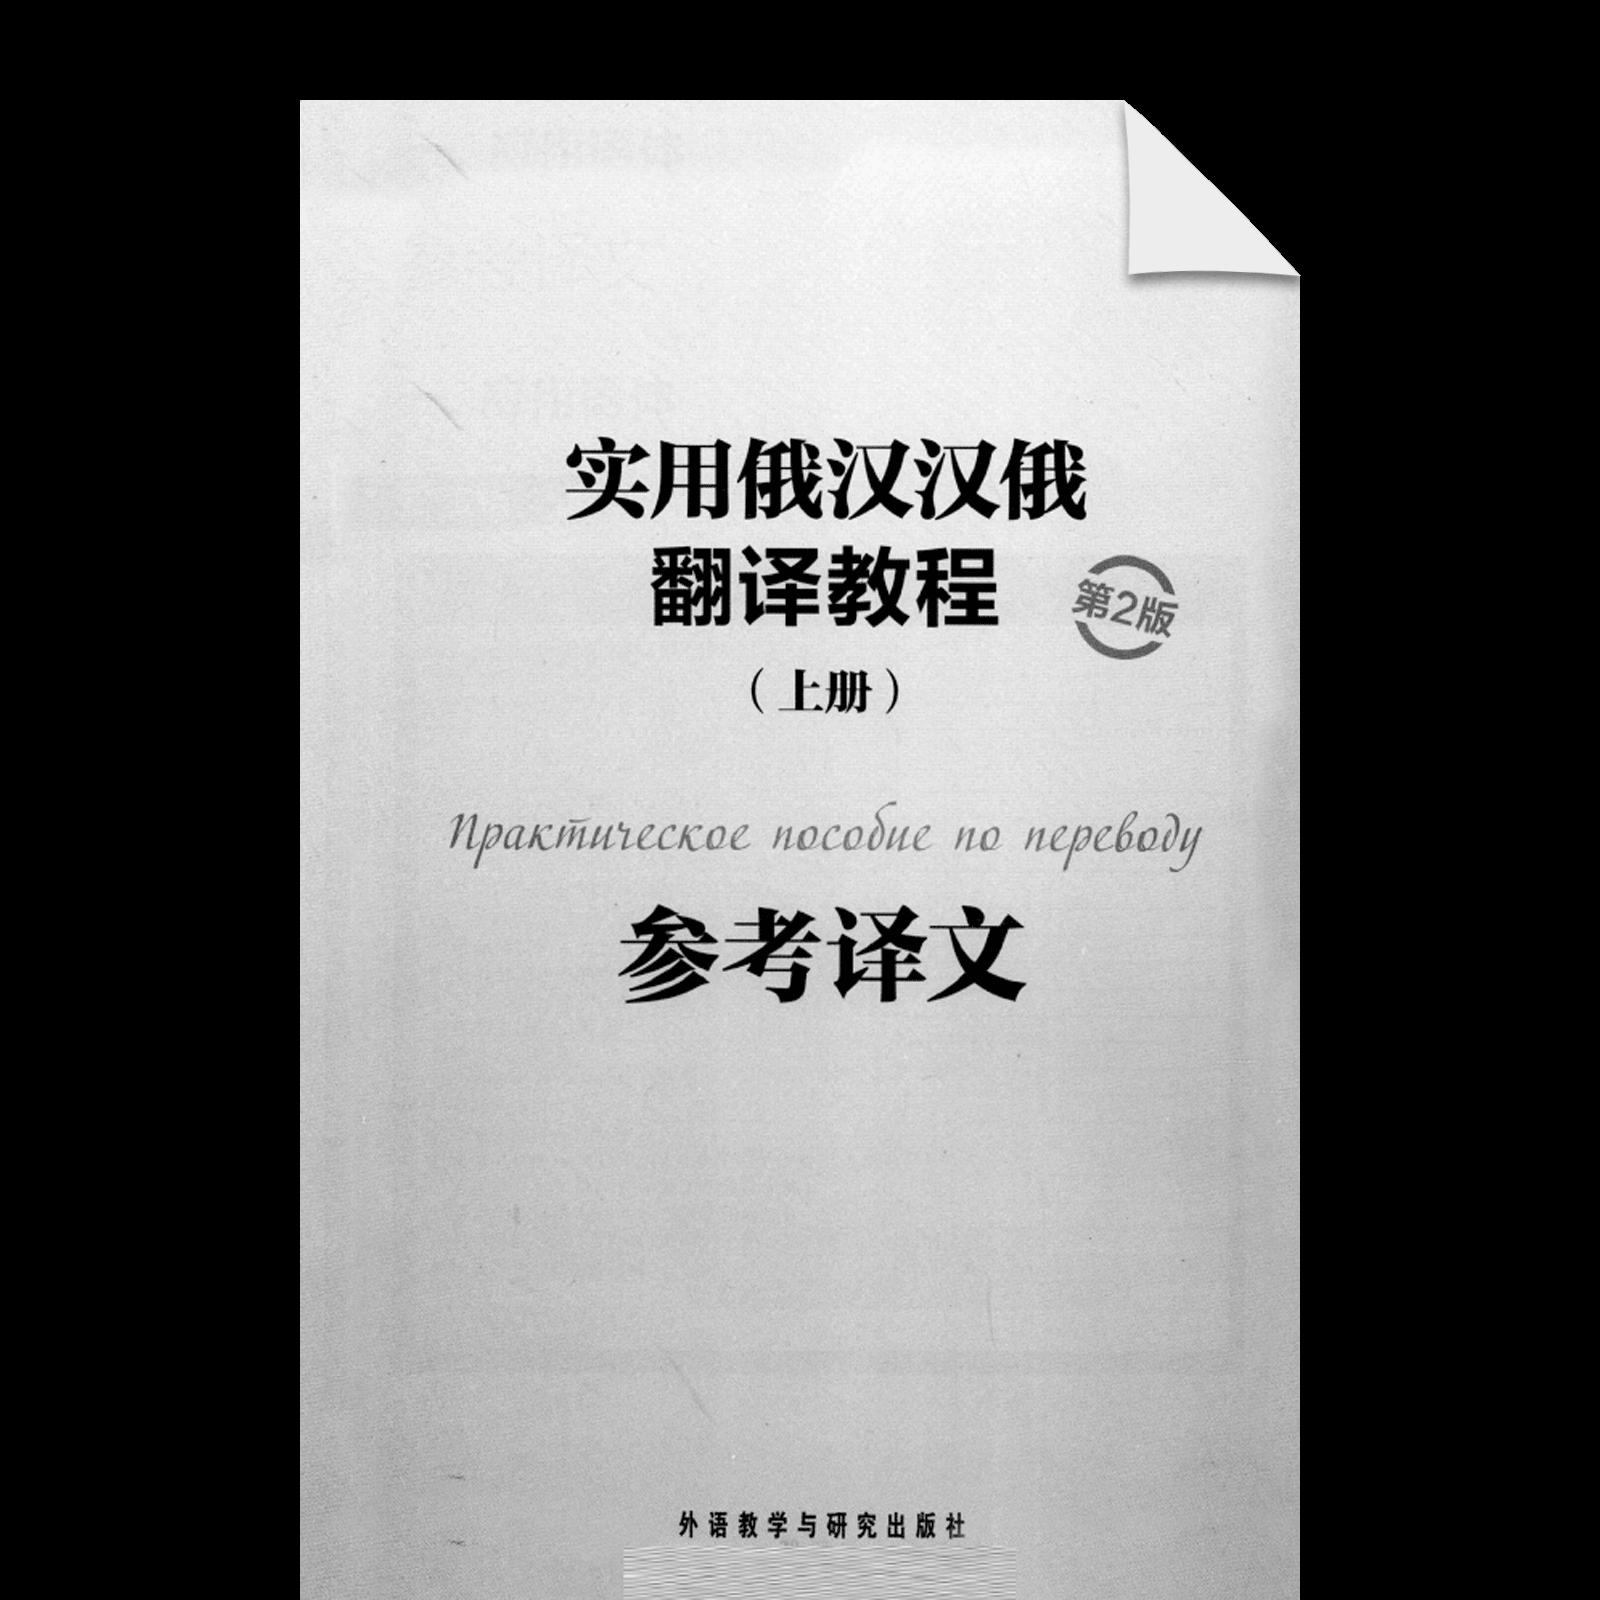 Shiyong Ehan Hane Fanyi Jiaocheng Shang Di2Ban Cankao